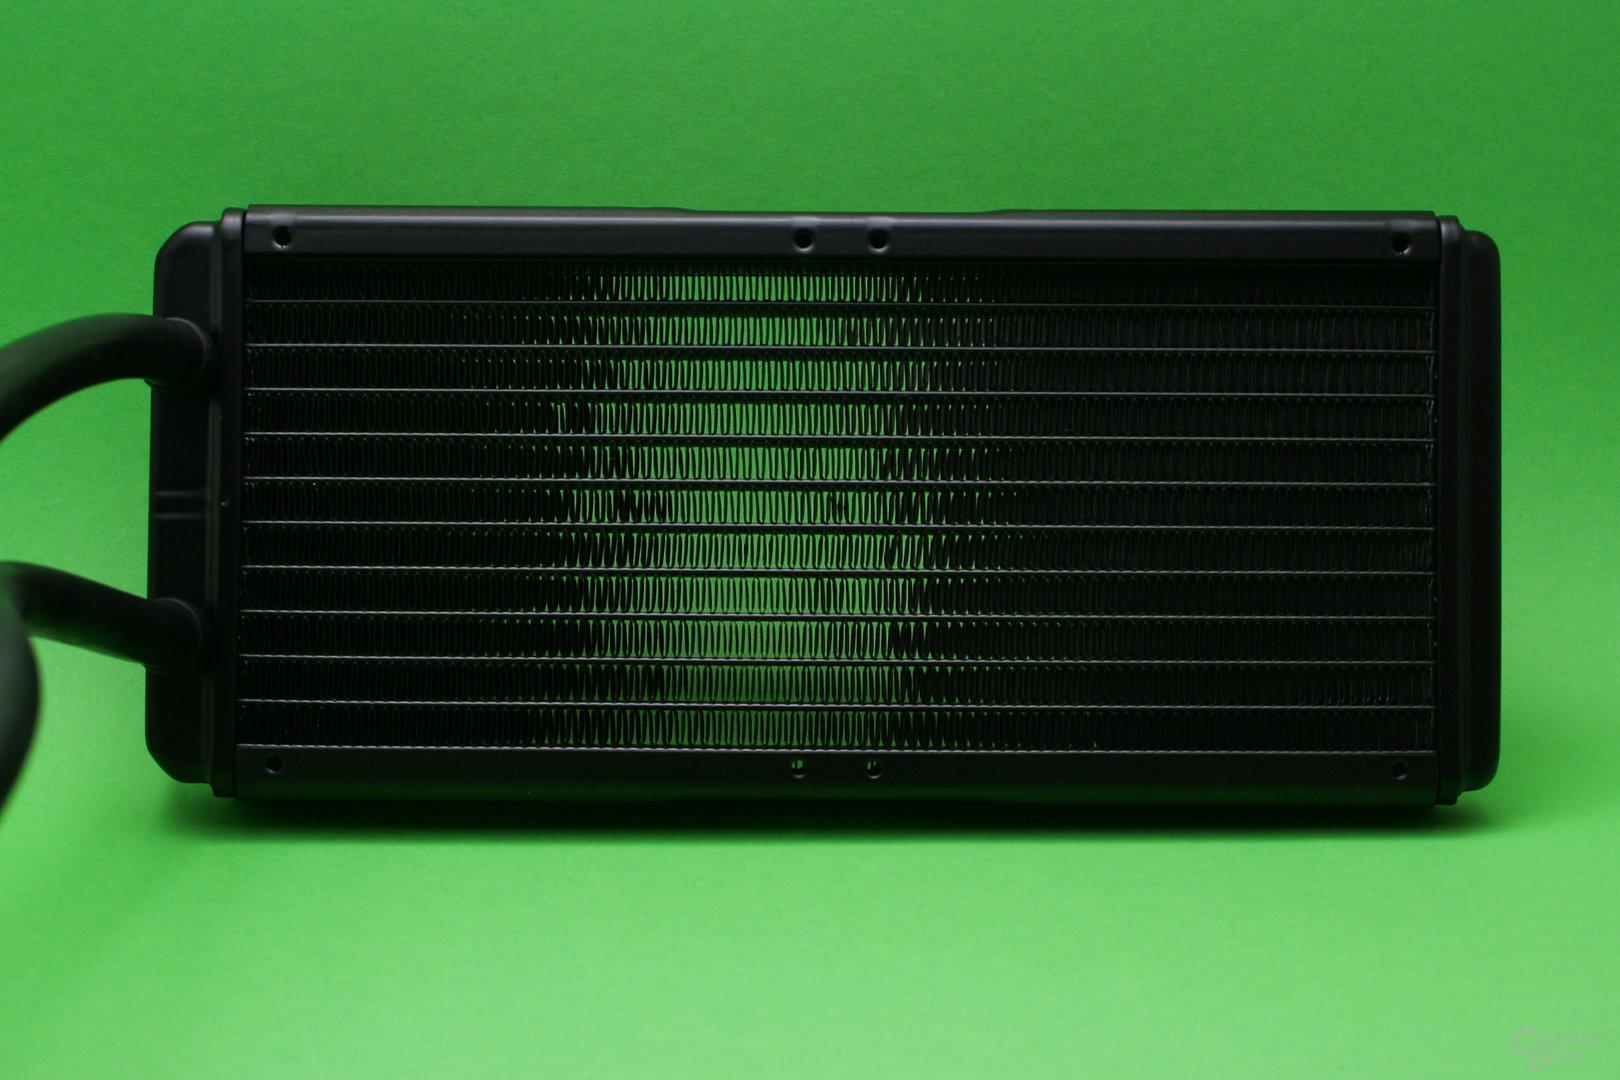 Enermax Liqmax II 240: Radiator